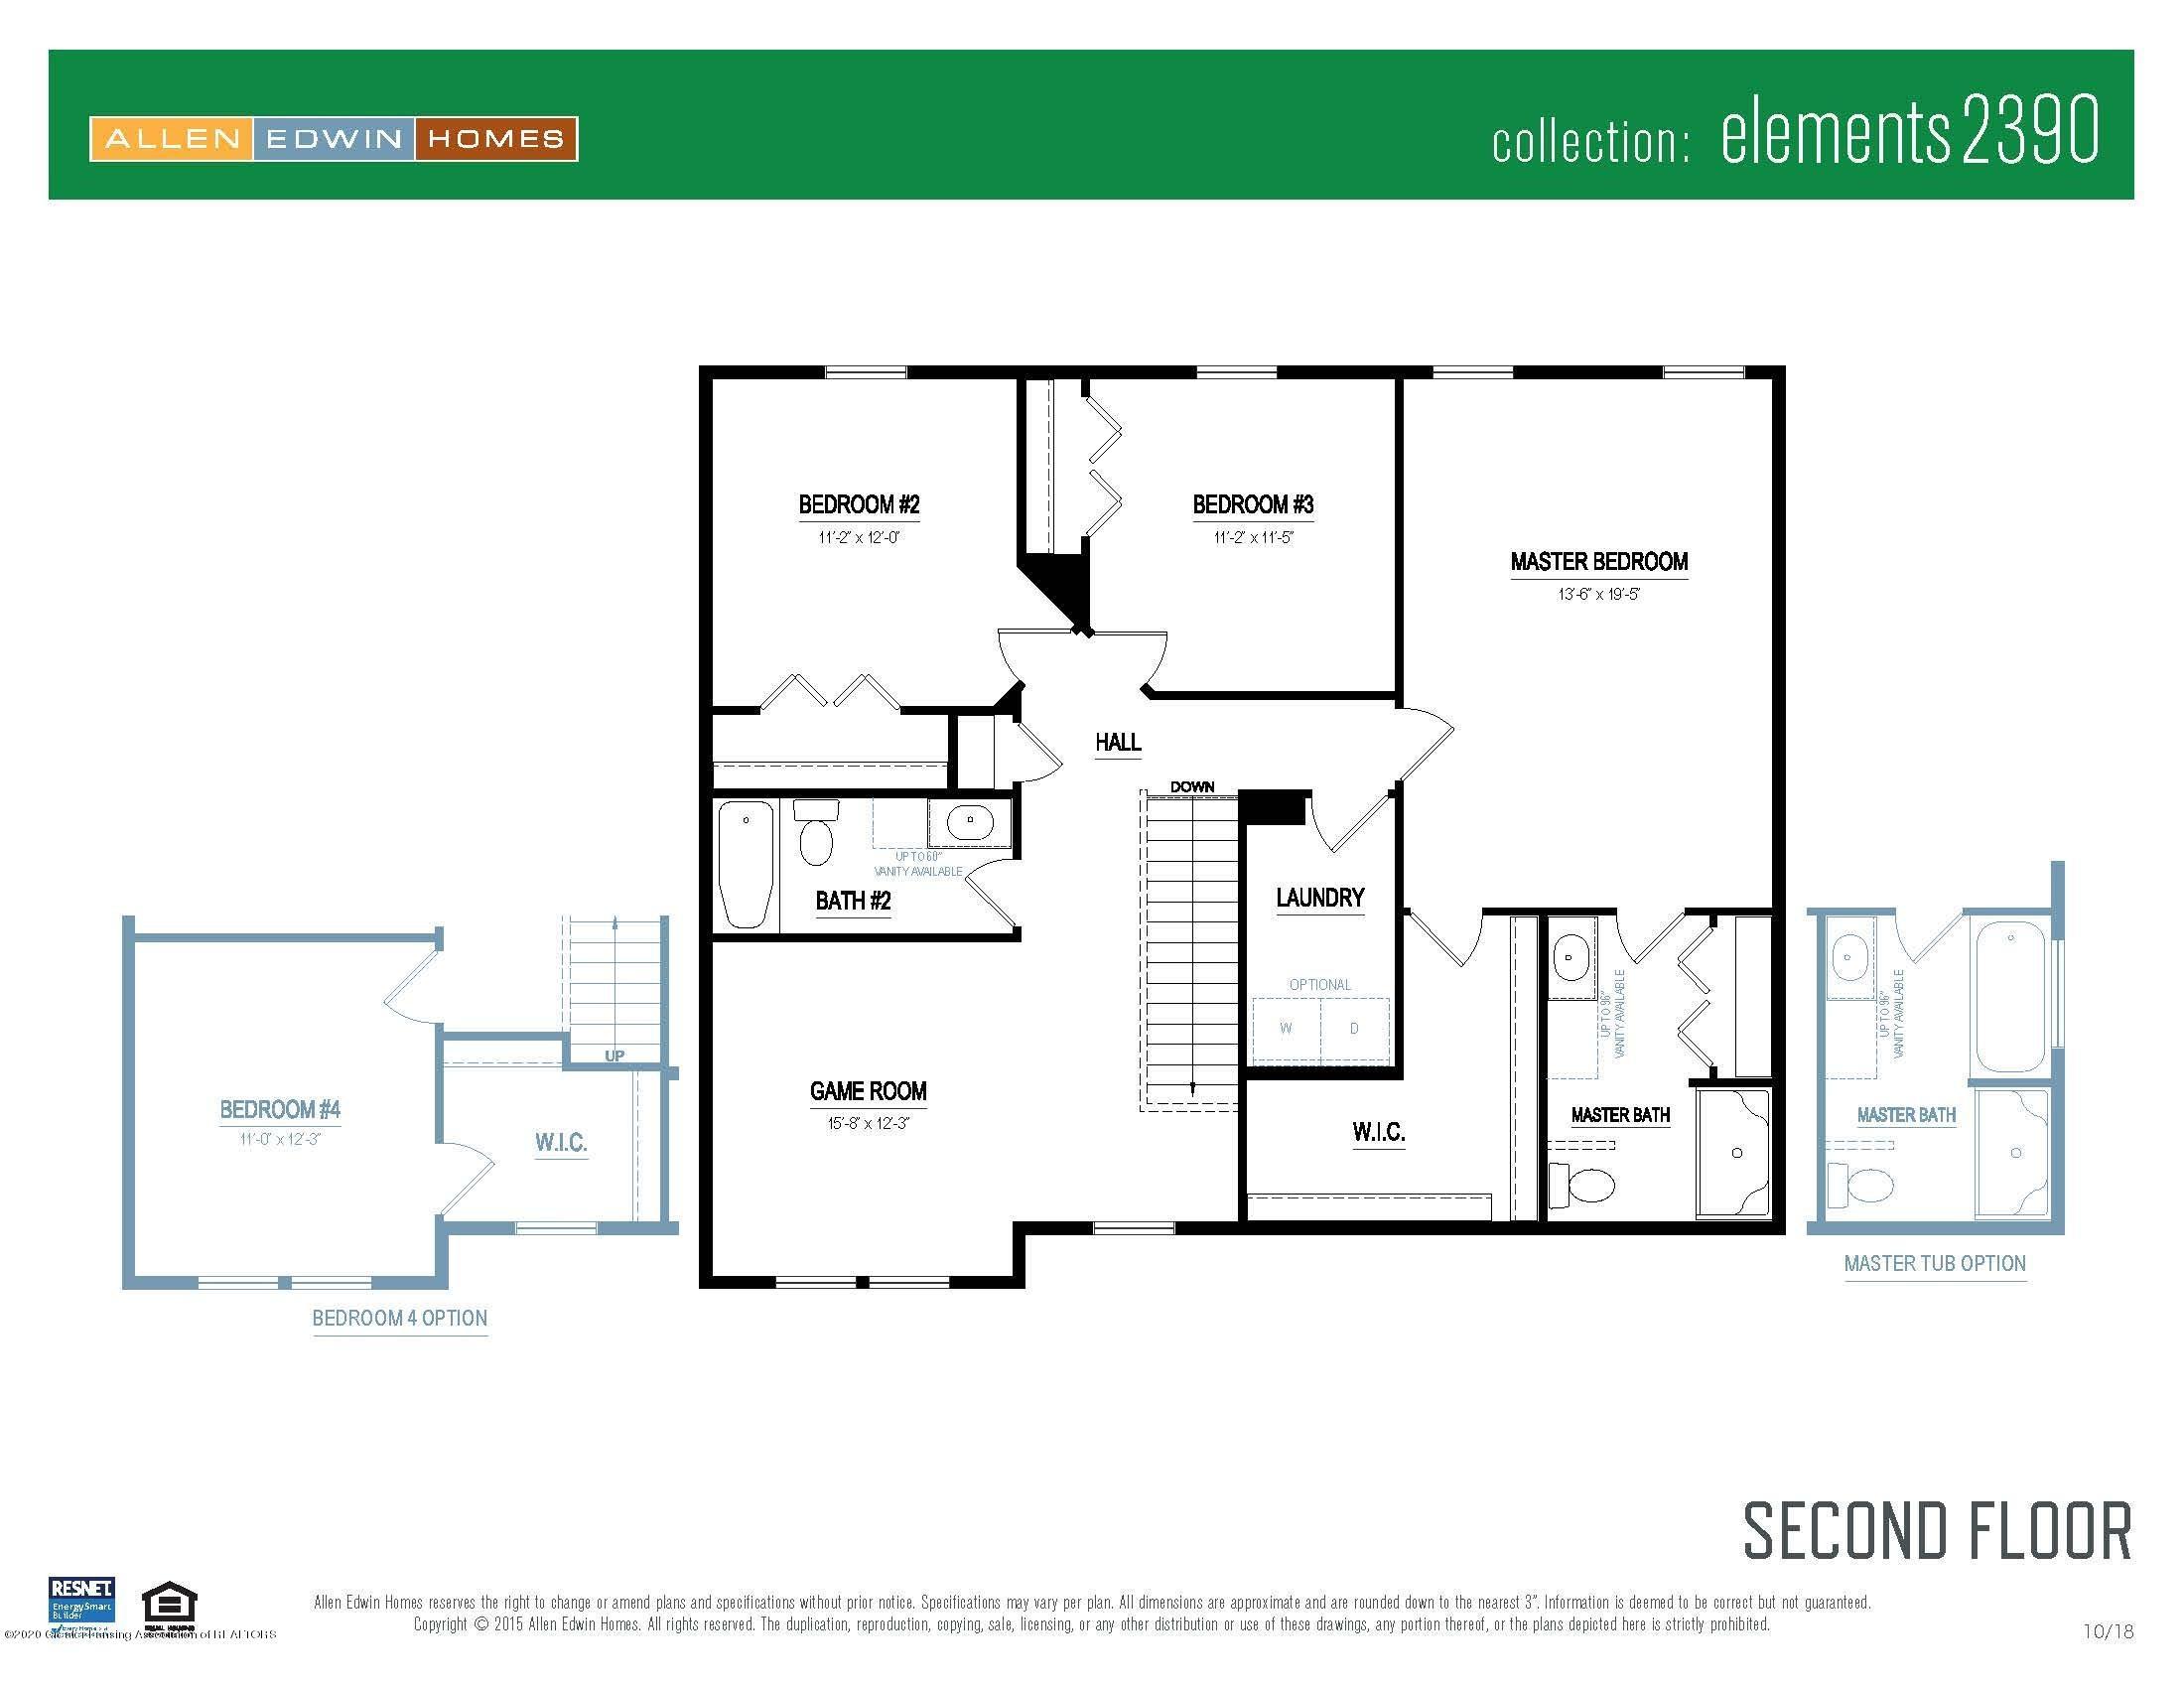 5344 Somerset Dr - Elements 2390 V8.0a Second Floor - 21